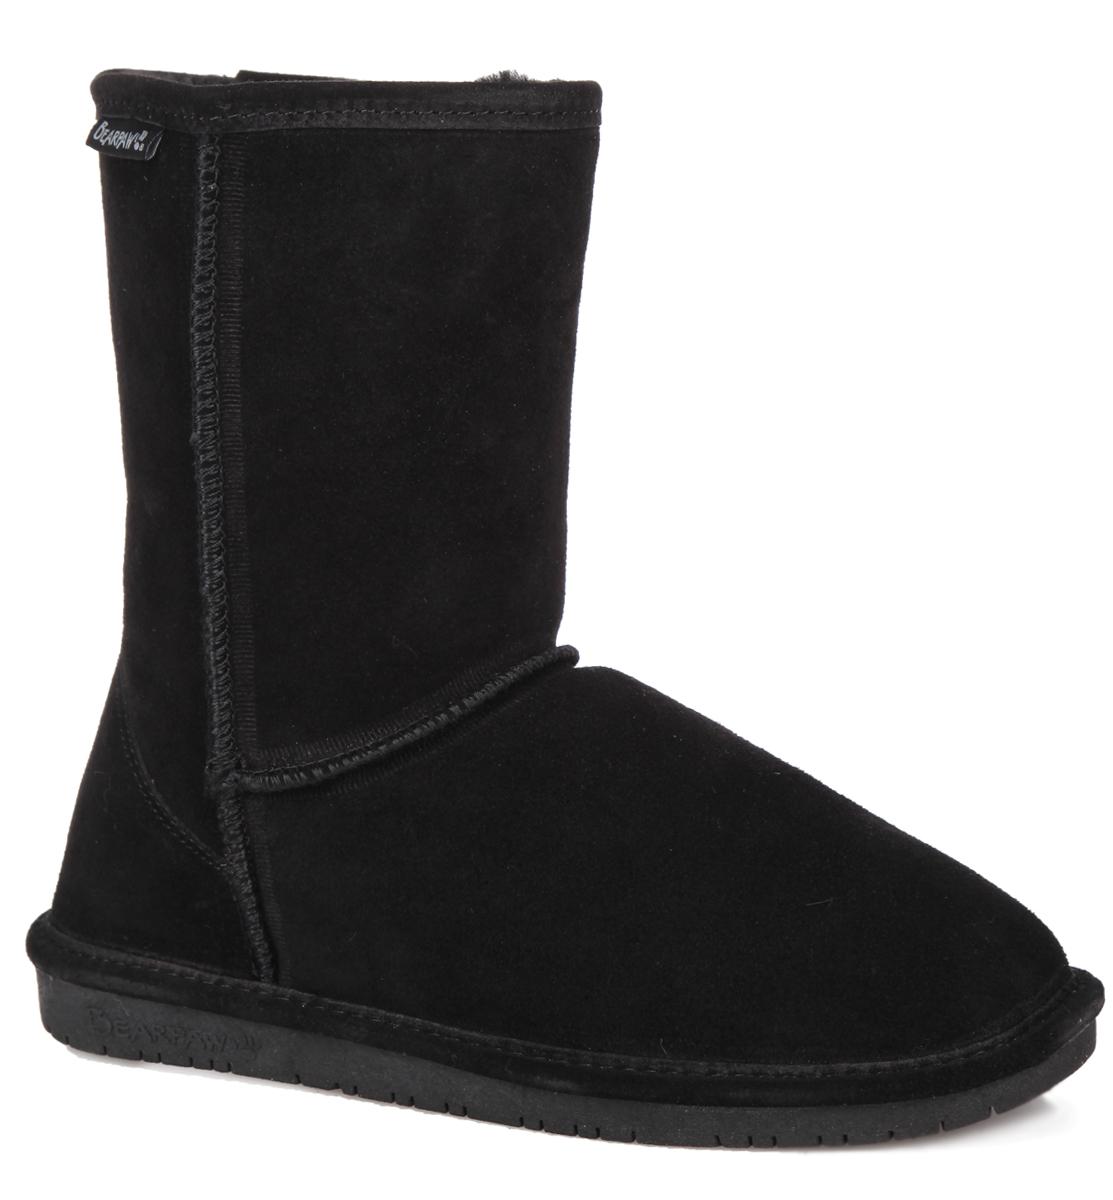 608W-black IIСтильные угги Bearpaw Emma Short заинтересуют вас своим дизайном с первого взгляда! Модель выполнена из натуральной износоустойчивой замши и оформлена крупными декоративными швами, на заднике - текстильной нашивкой с названием и логотипом бренда. Подкладка и стелька, исполненные из теплой овчинной шерсти, защитят ноги от холода и обеспечат комфорт. Ширина голенища компенсирует отсутствие застежек. Подошва из полимера - с противоскользящим рифлением. В таких уггах вашим ногам будет уютно и комфортно! Они прекрасно дополнят ваш повседневный образ.